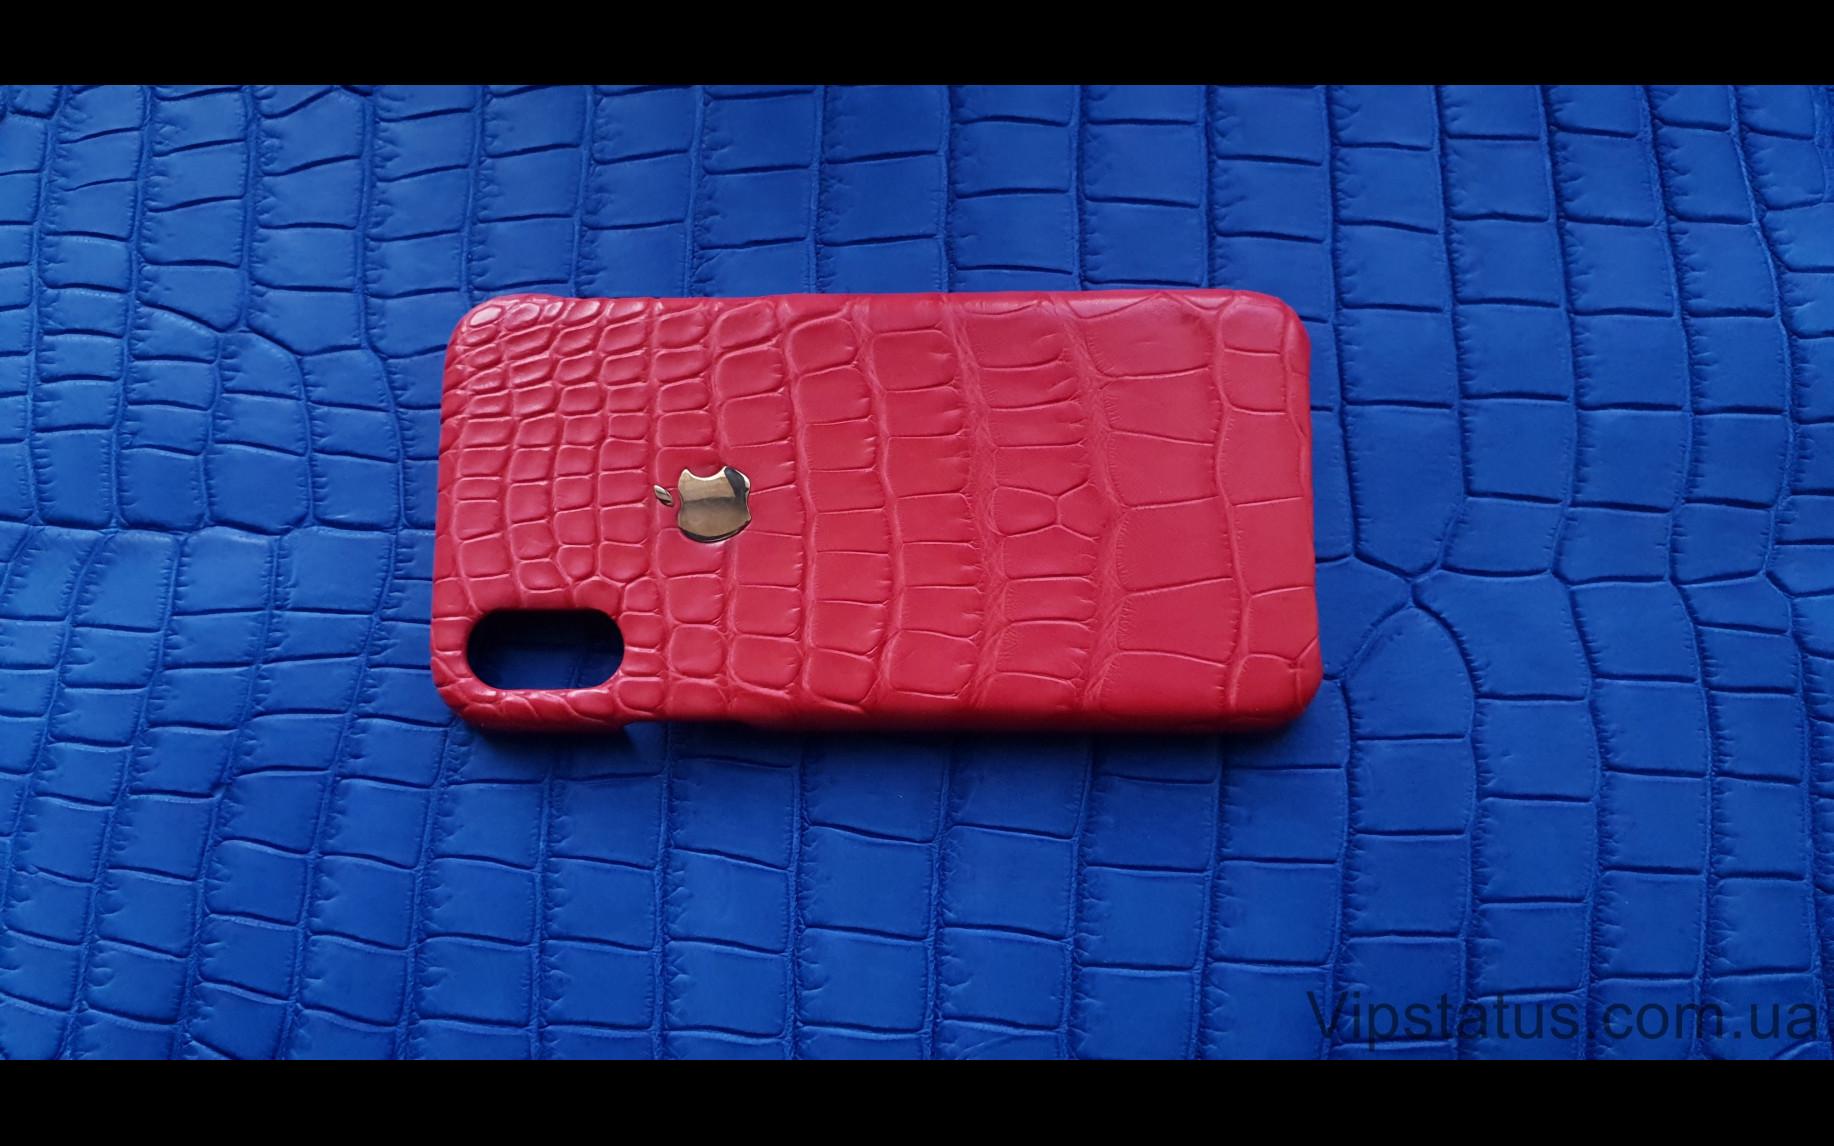 Elite Gold Apple Люксовый чехол IPhone X XS кожа крокодила Gold Apple Luxury case IPhone X XS Crocodile leather image 4